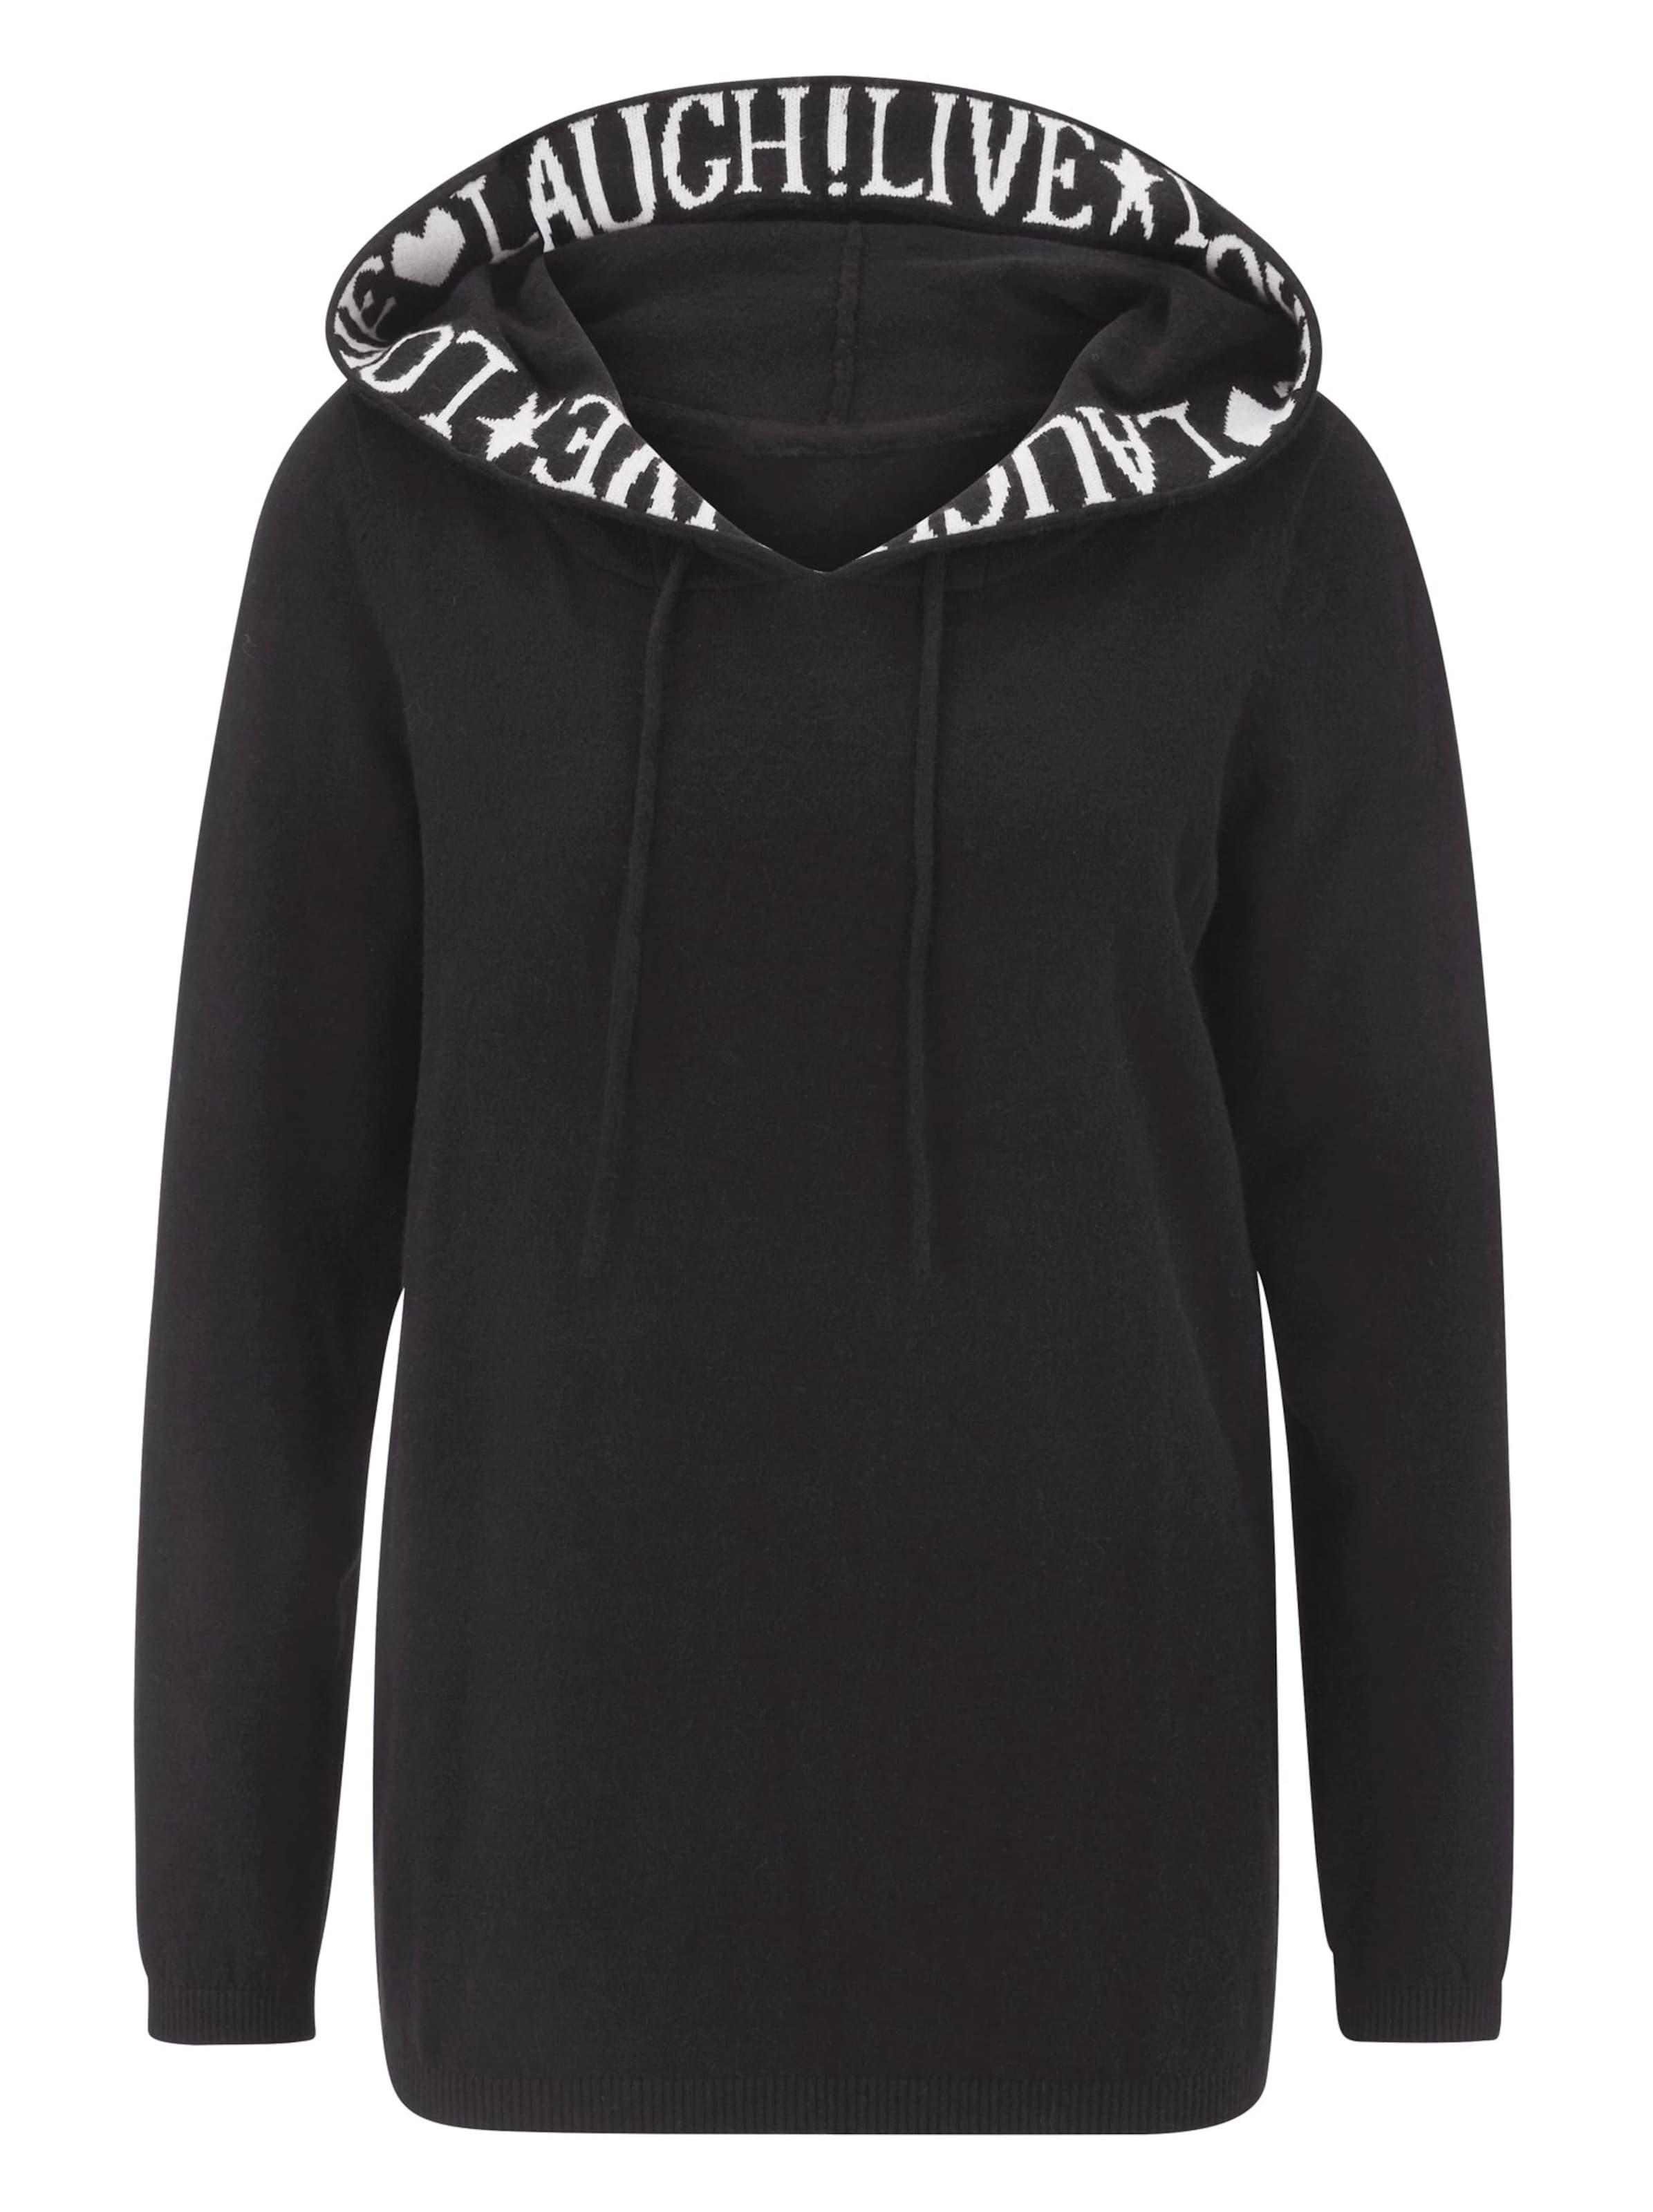 rick cardona - Witt Weiden Damen Pullover schwarz